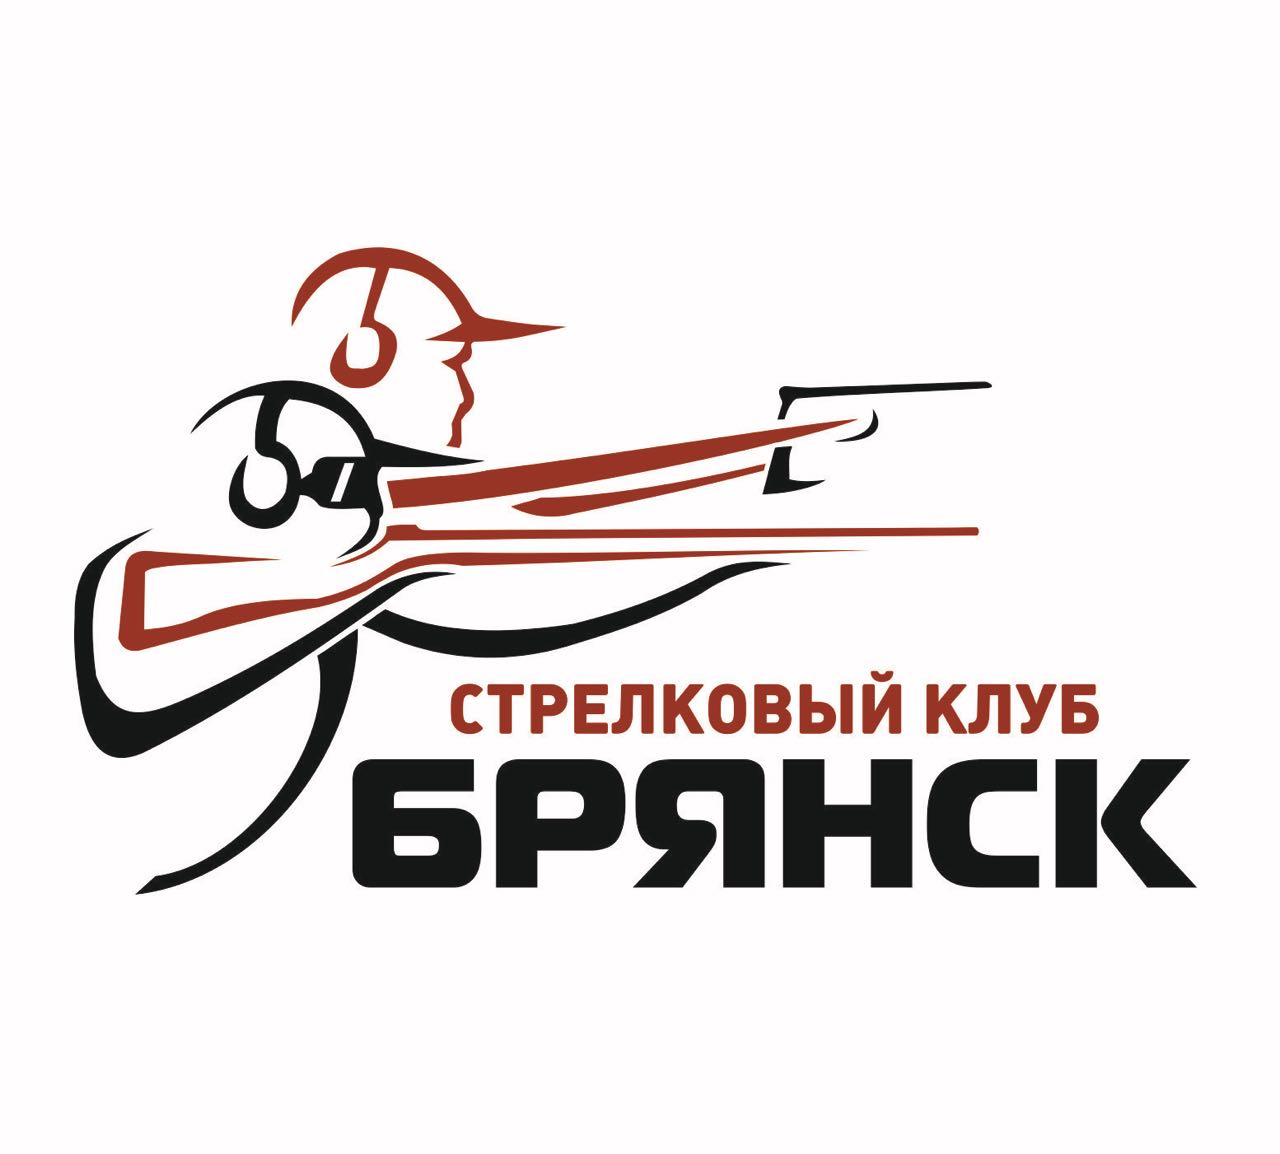 2 ЭТАП КУБКА РОССИИ | 200-КОМПАКТ